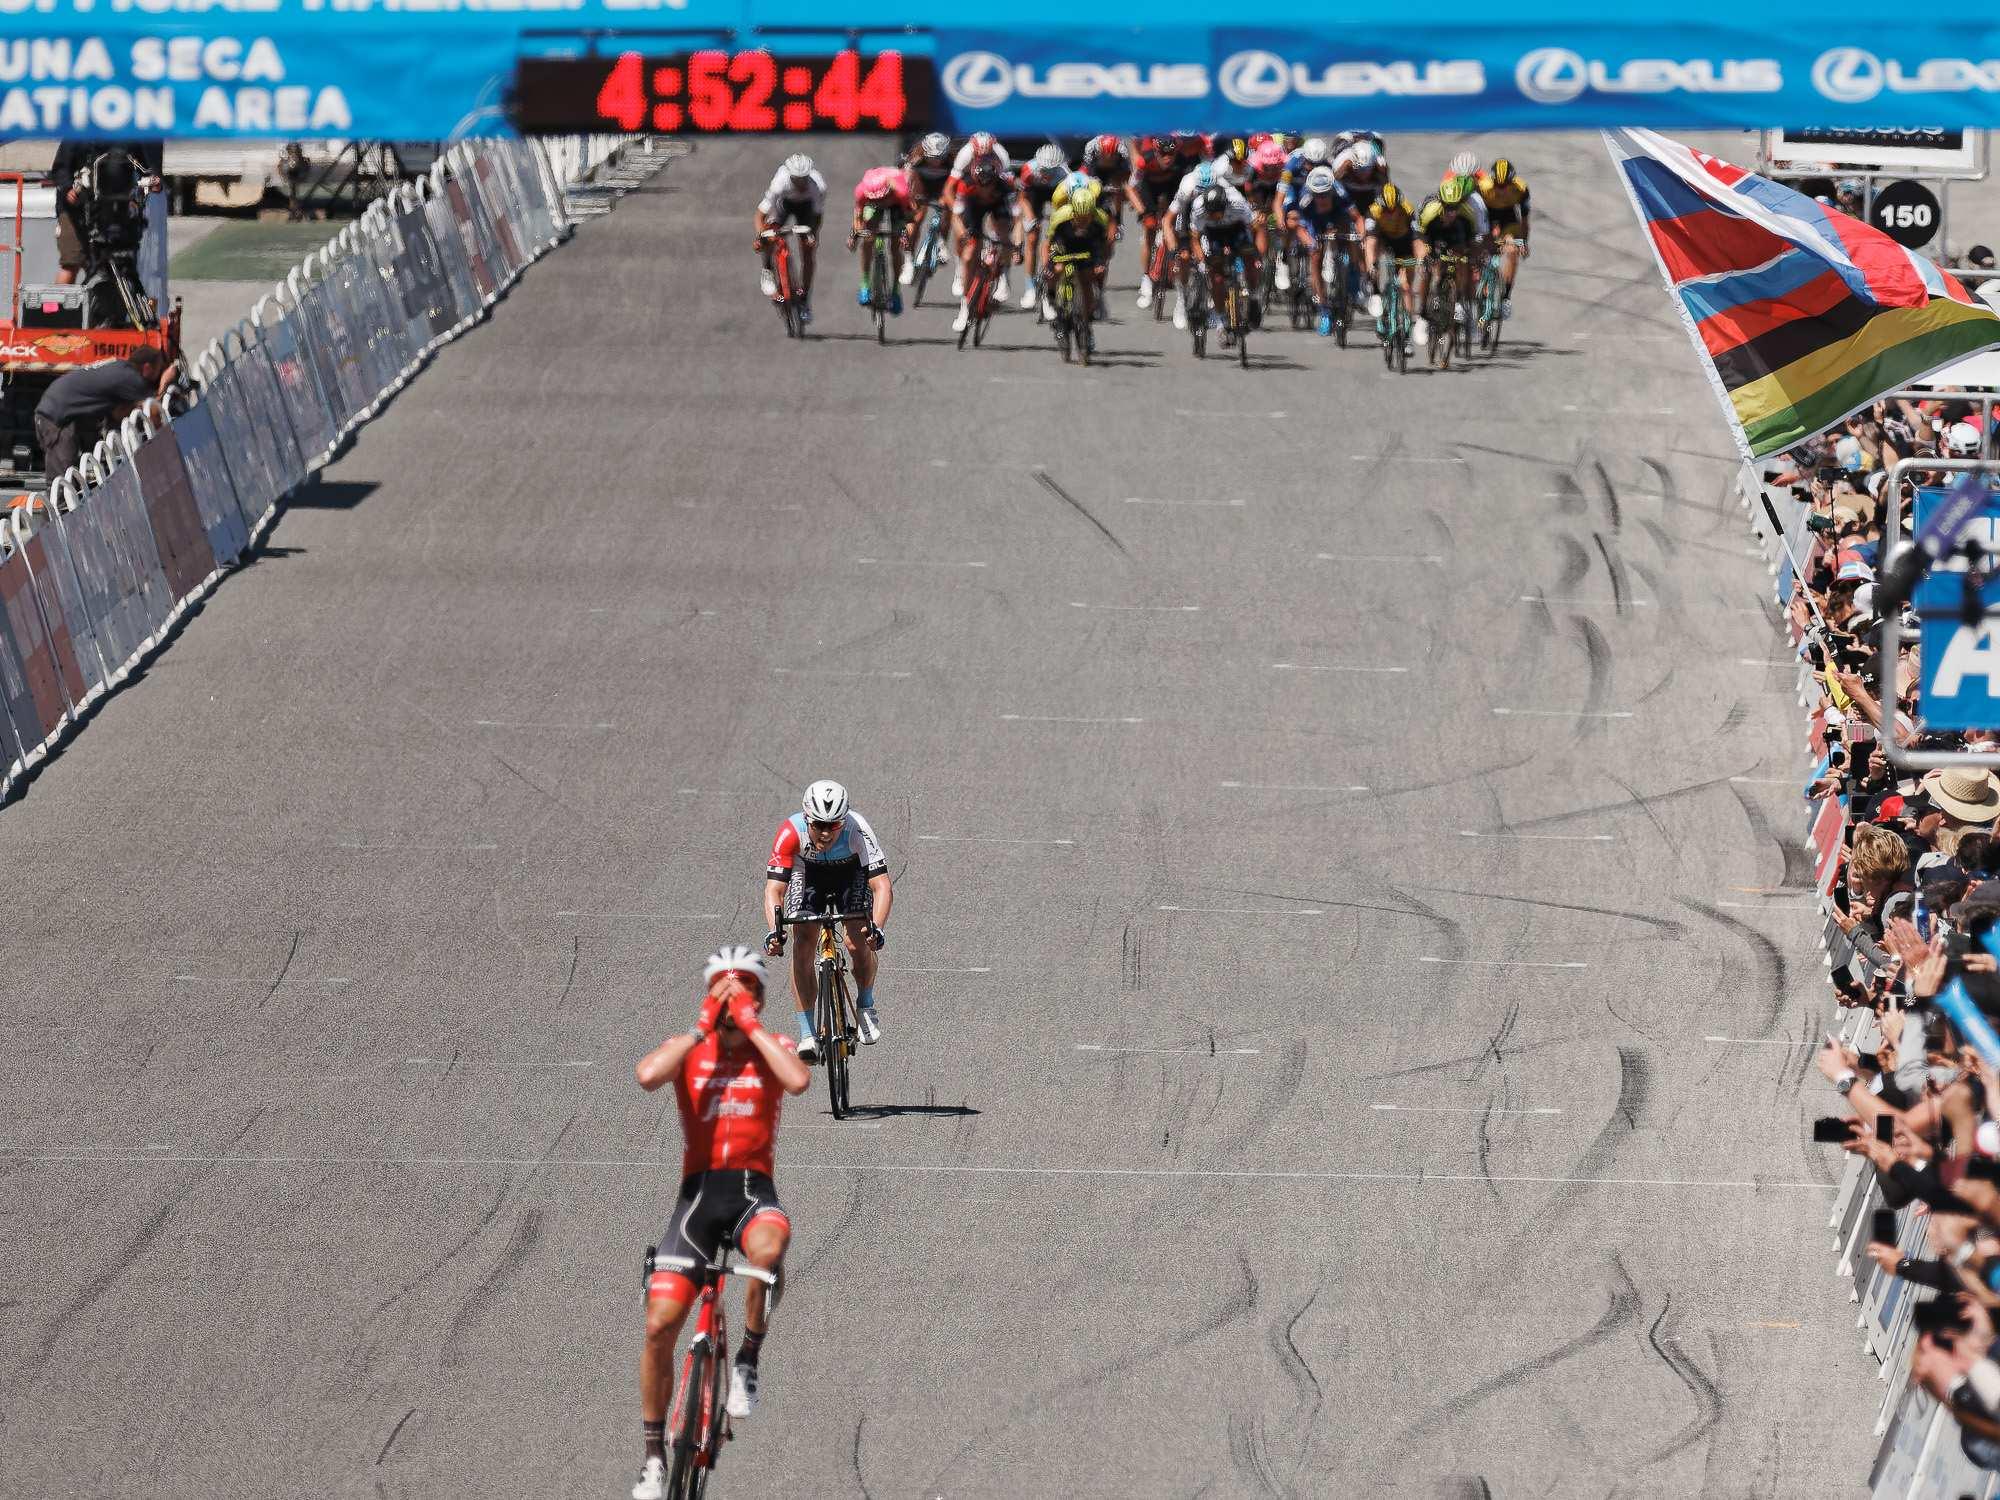 007759bf2ef52 Los 98 ciclistas del Tour que puedes seguir en Strava - El tio del Mazo